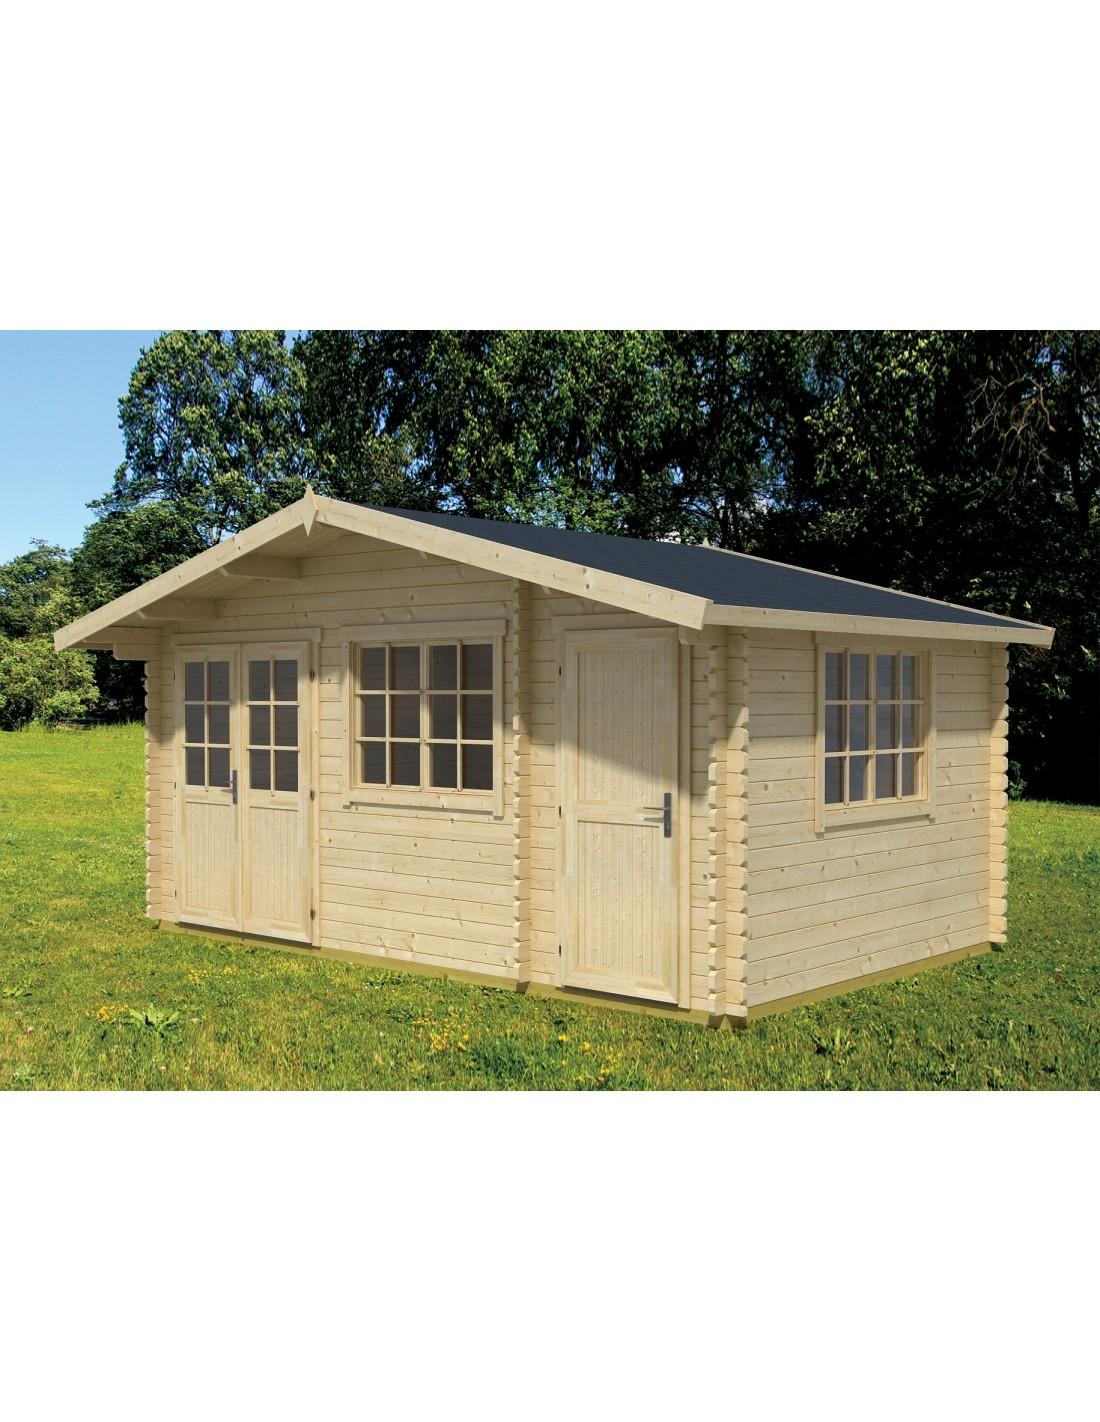 Abri de jardin borkum 15 2 m avec plancher bois massif 40 mm - Abri de jardin avec plancher ...